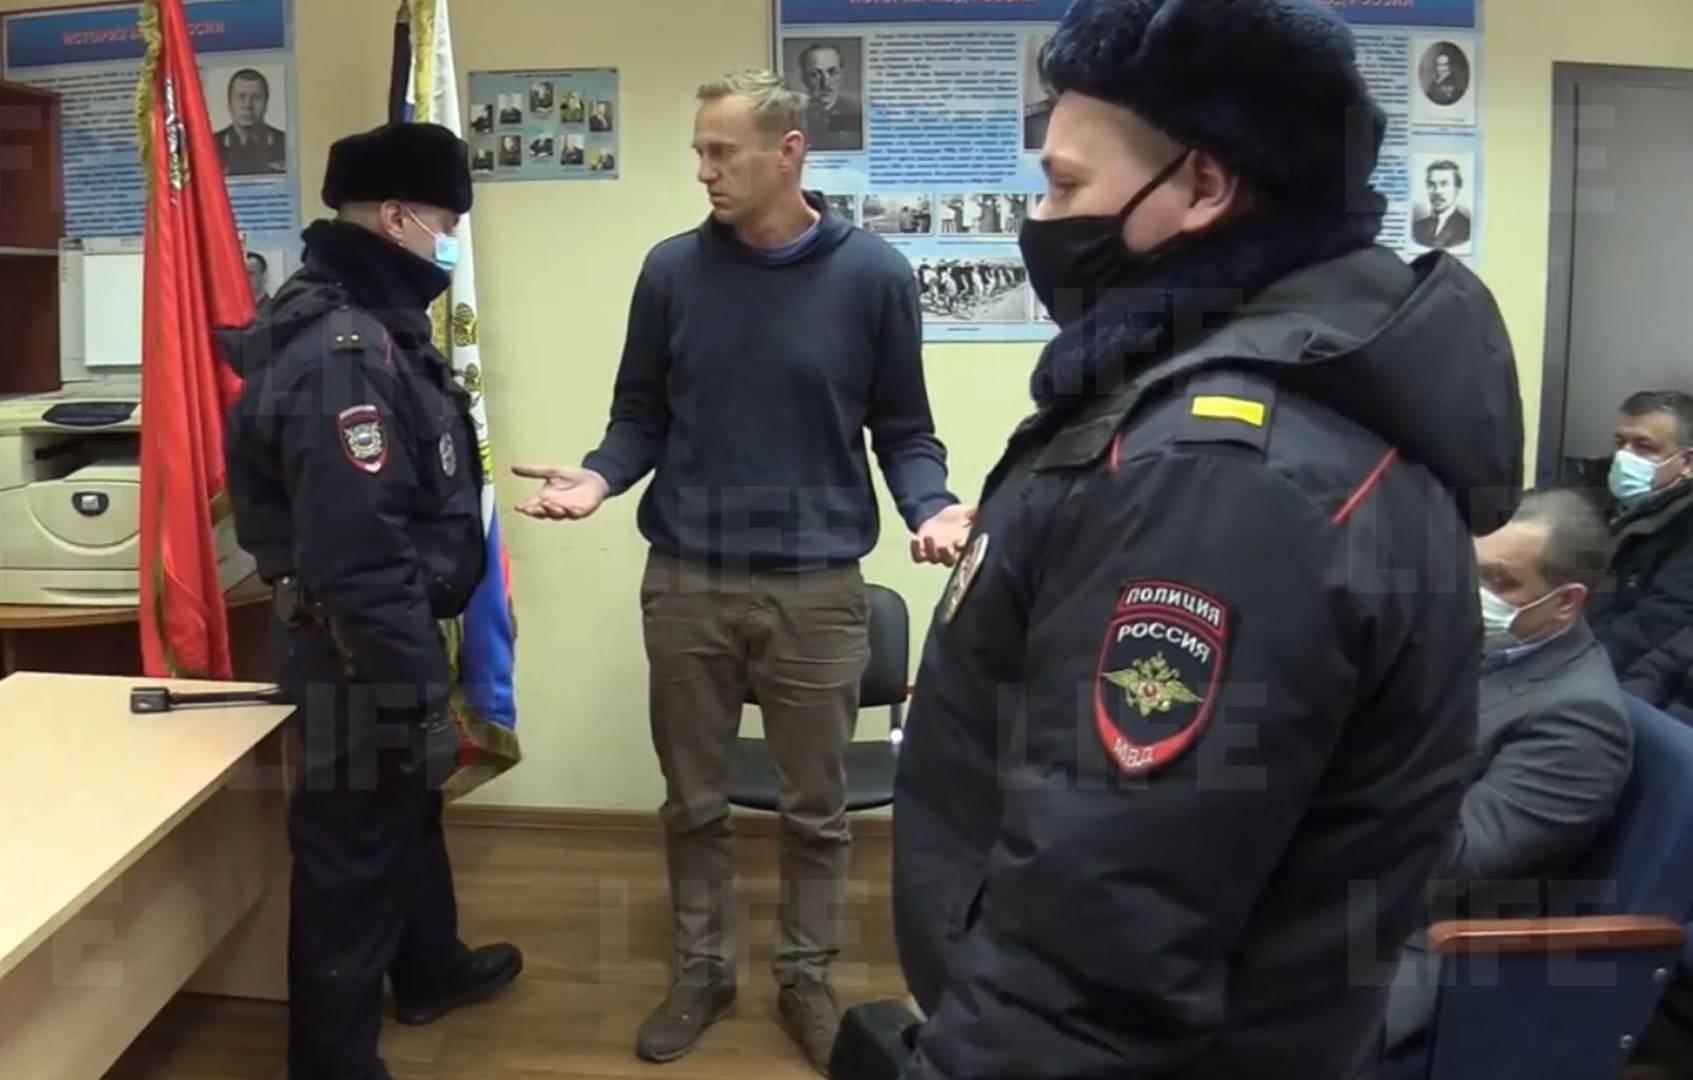 Навальный отправлен под арест на 30 суток